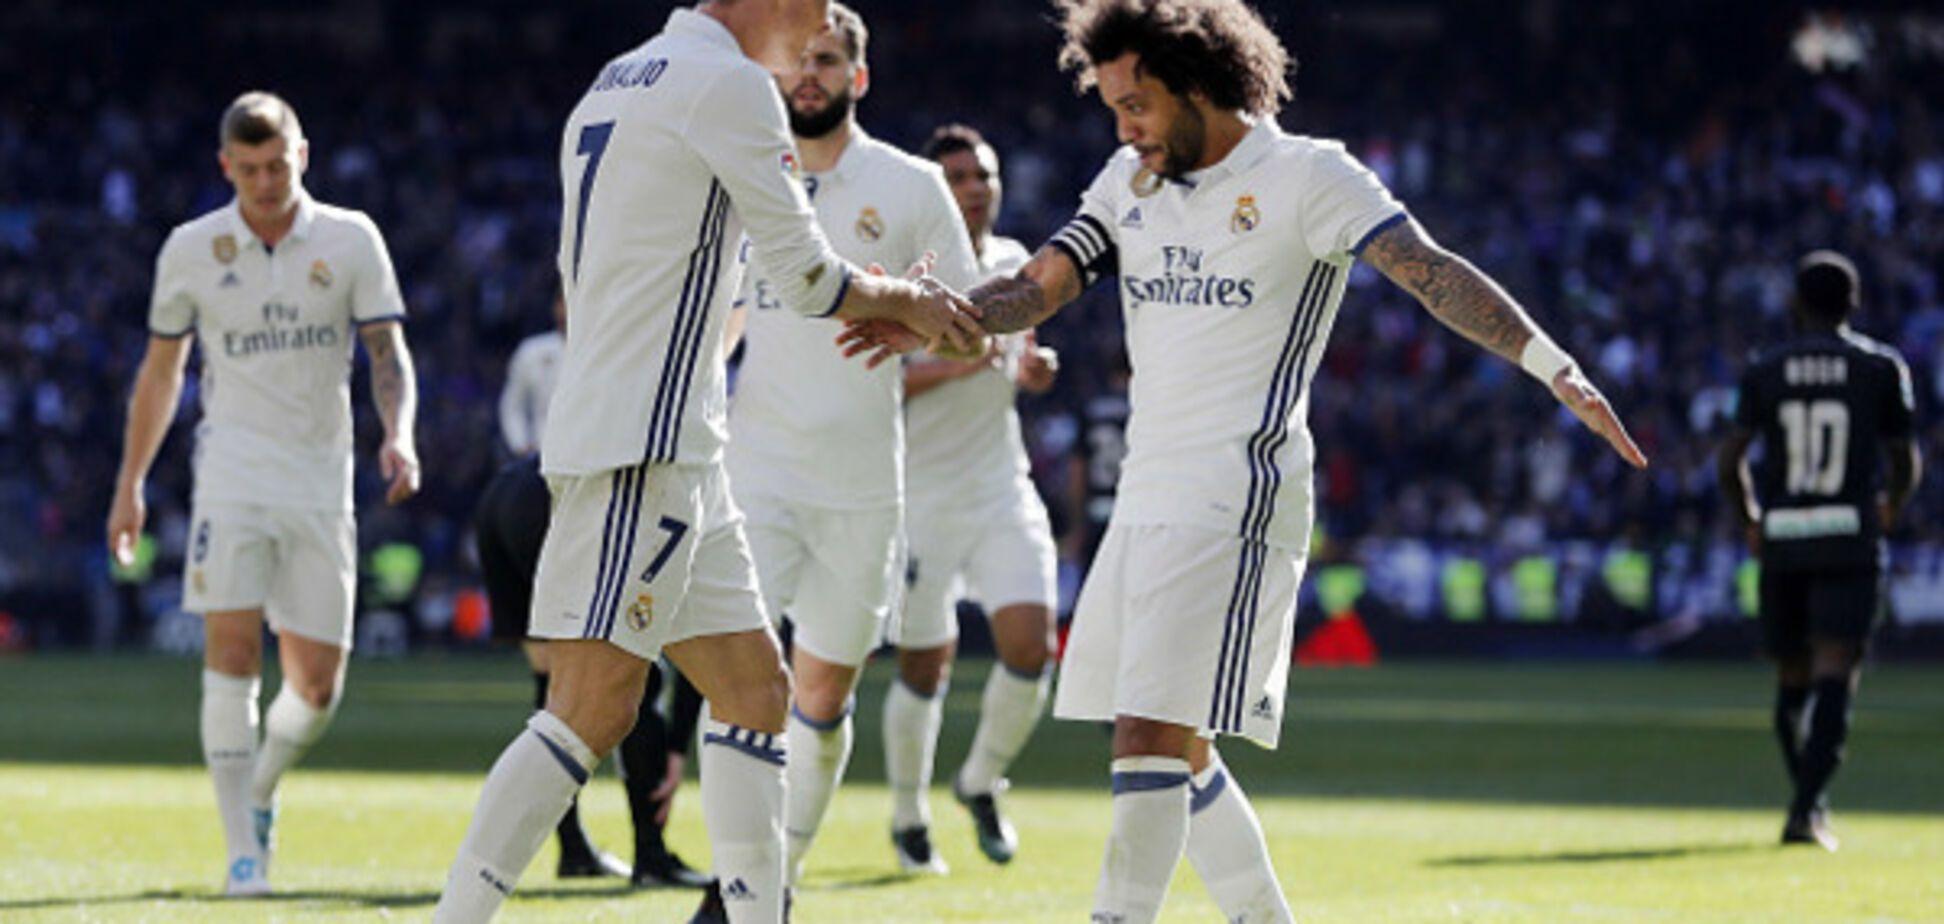 'Заваліть ***ло, ідіоти!' Зірка 'Реалу' посварився з фанатами через день народження Кріштіану Роналду